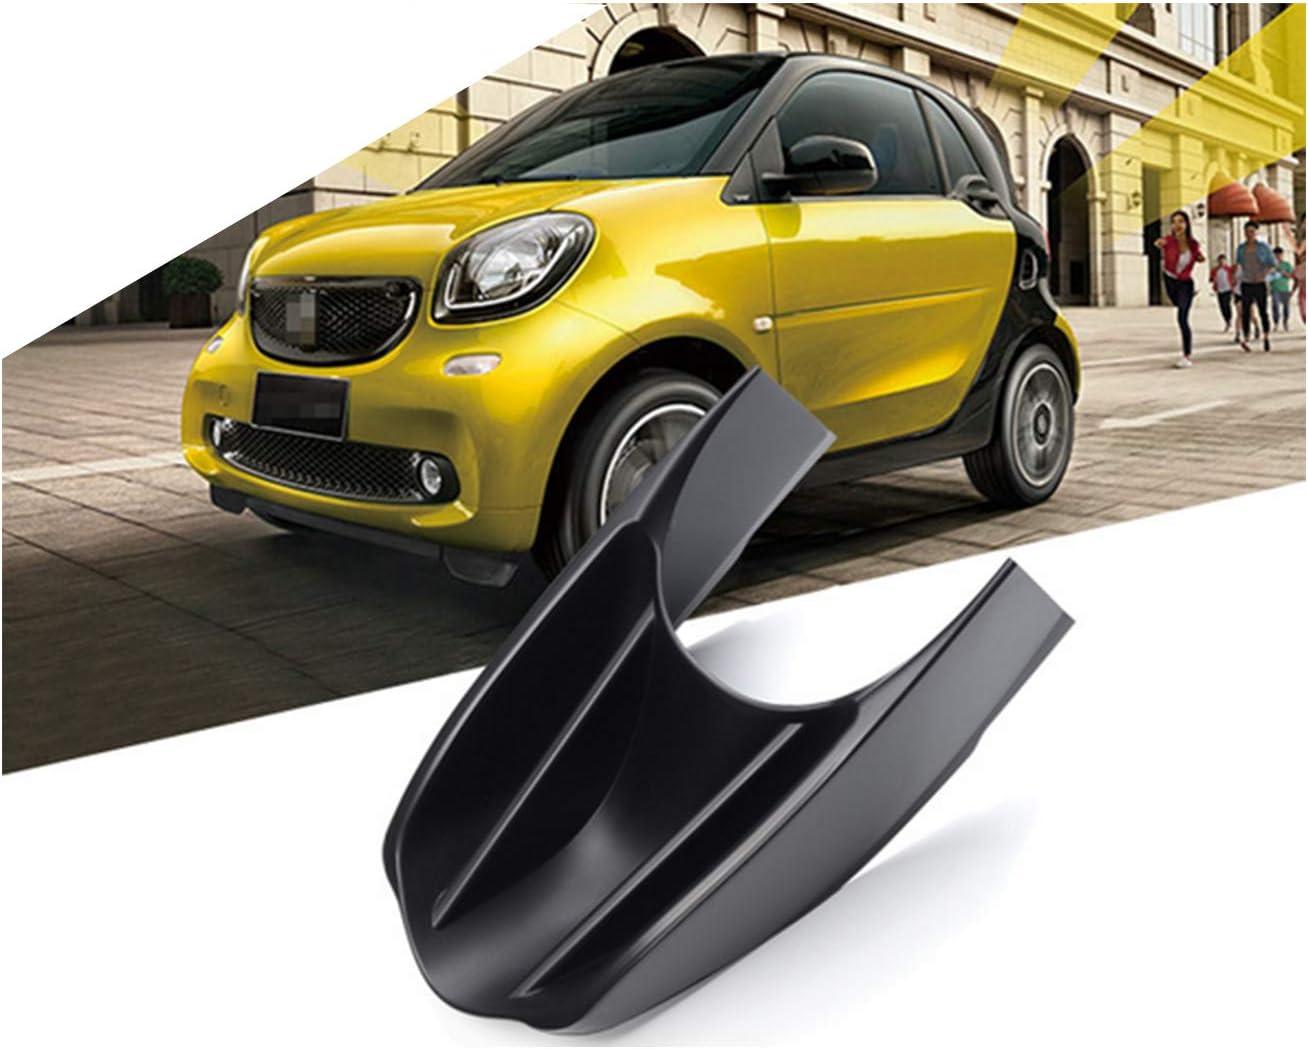 CDEFG Handschuhfach Armlehne Multifunktionaler Aufbewahrun f/ür Benz Smart Forfour W453 2014-2019 Auto Center Console Organizer Tray